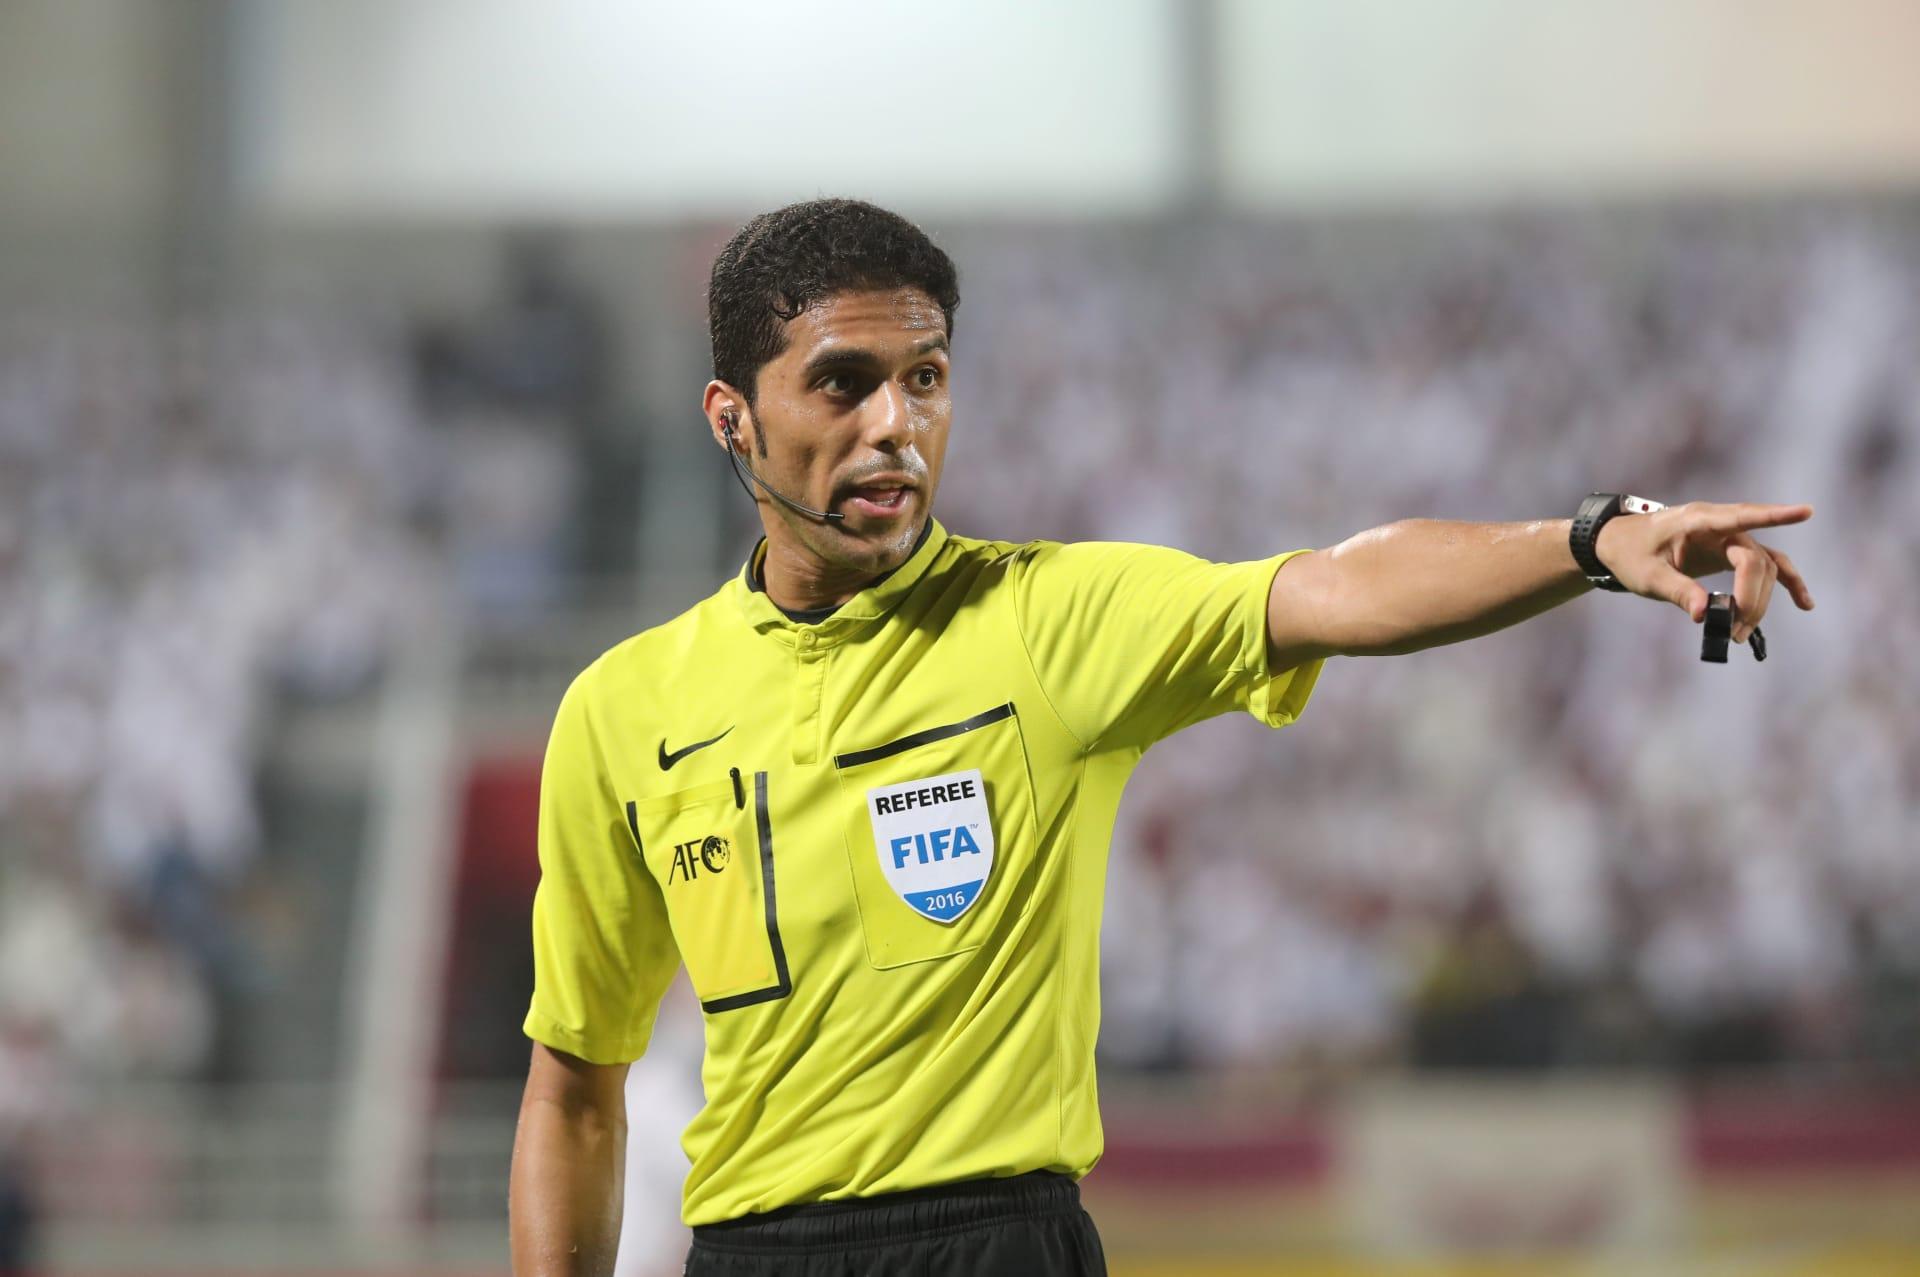 فيفا يقرر استبعاد الحكم السعودي فهد المرداسي من إدارة مباريات كأس العالم